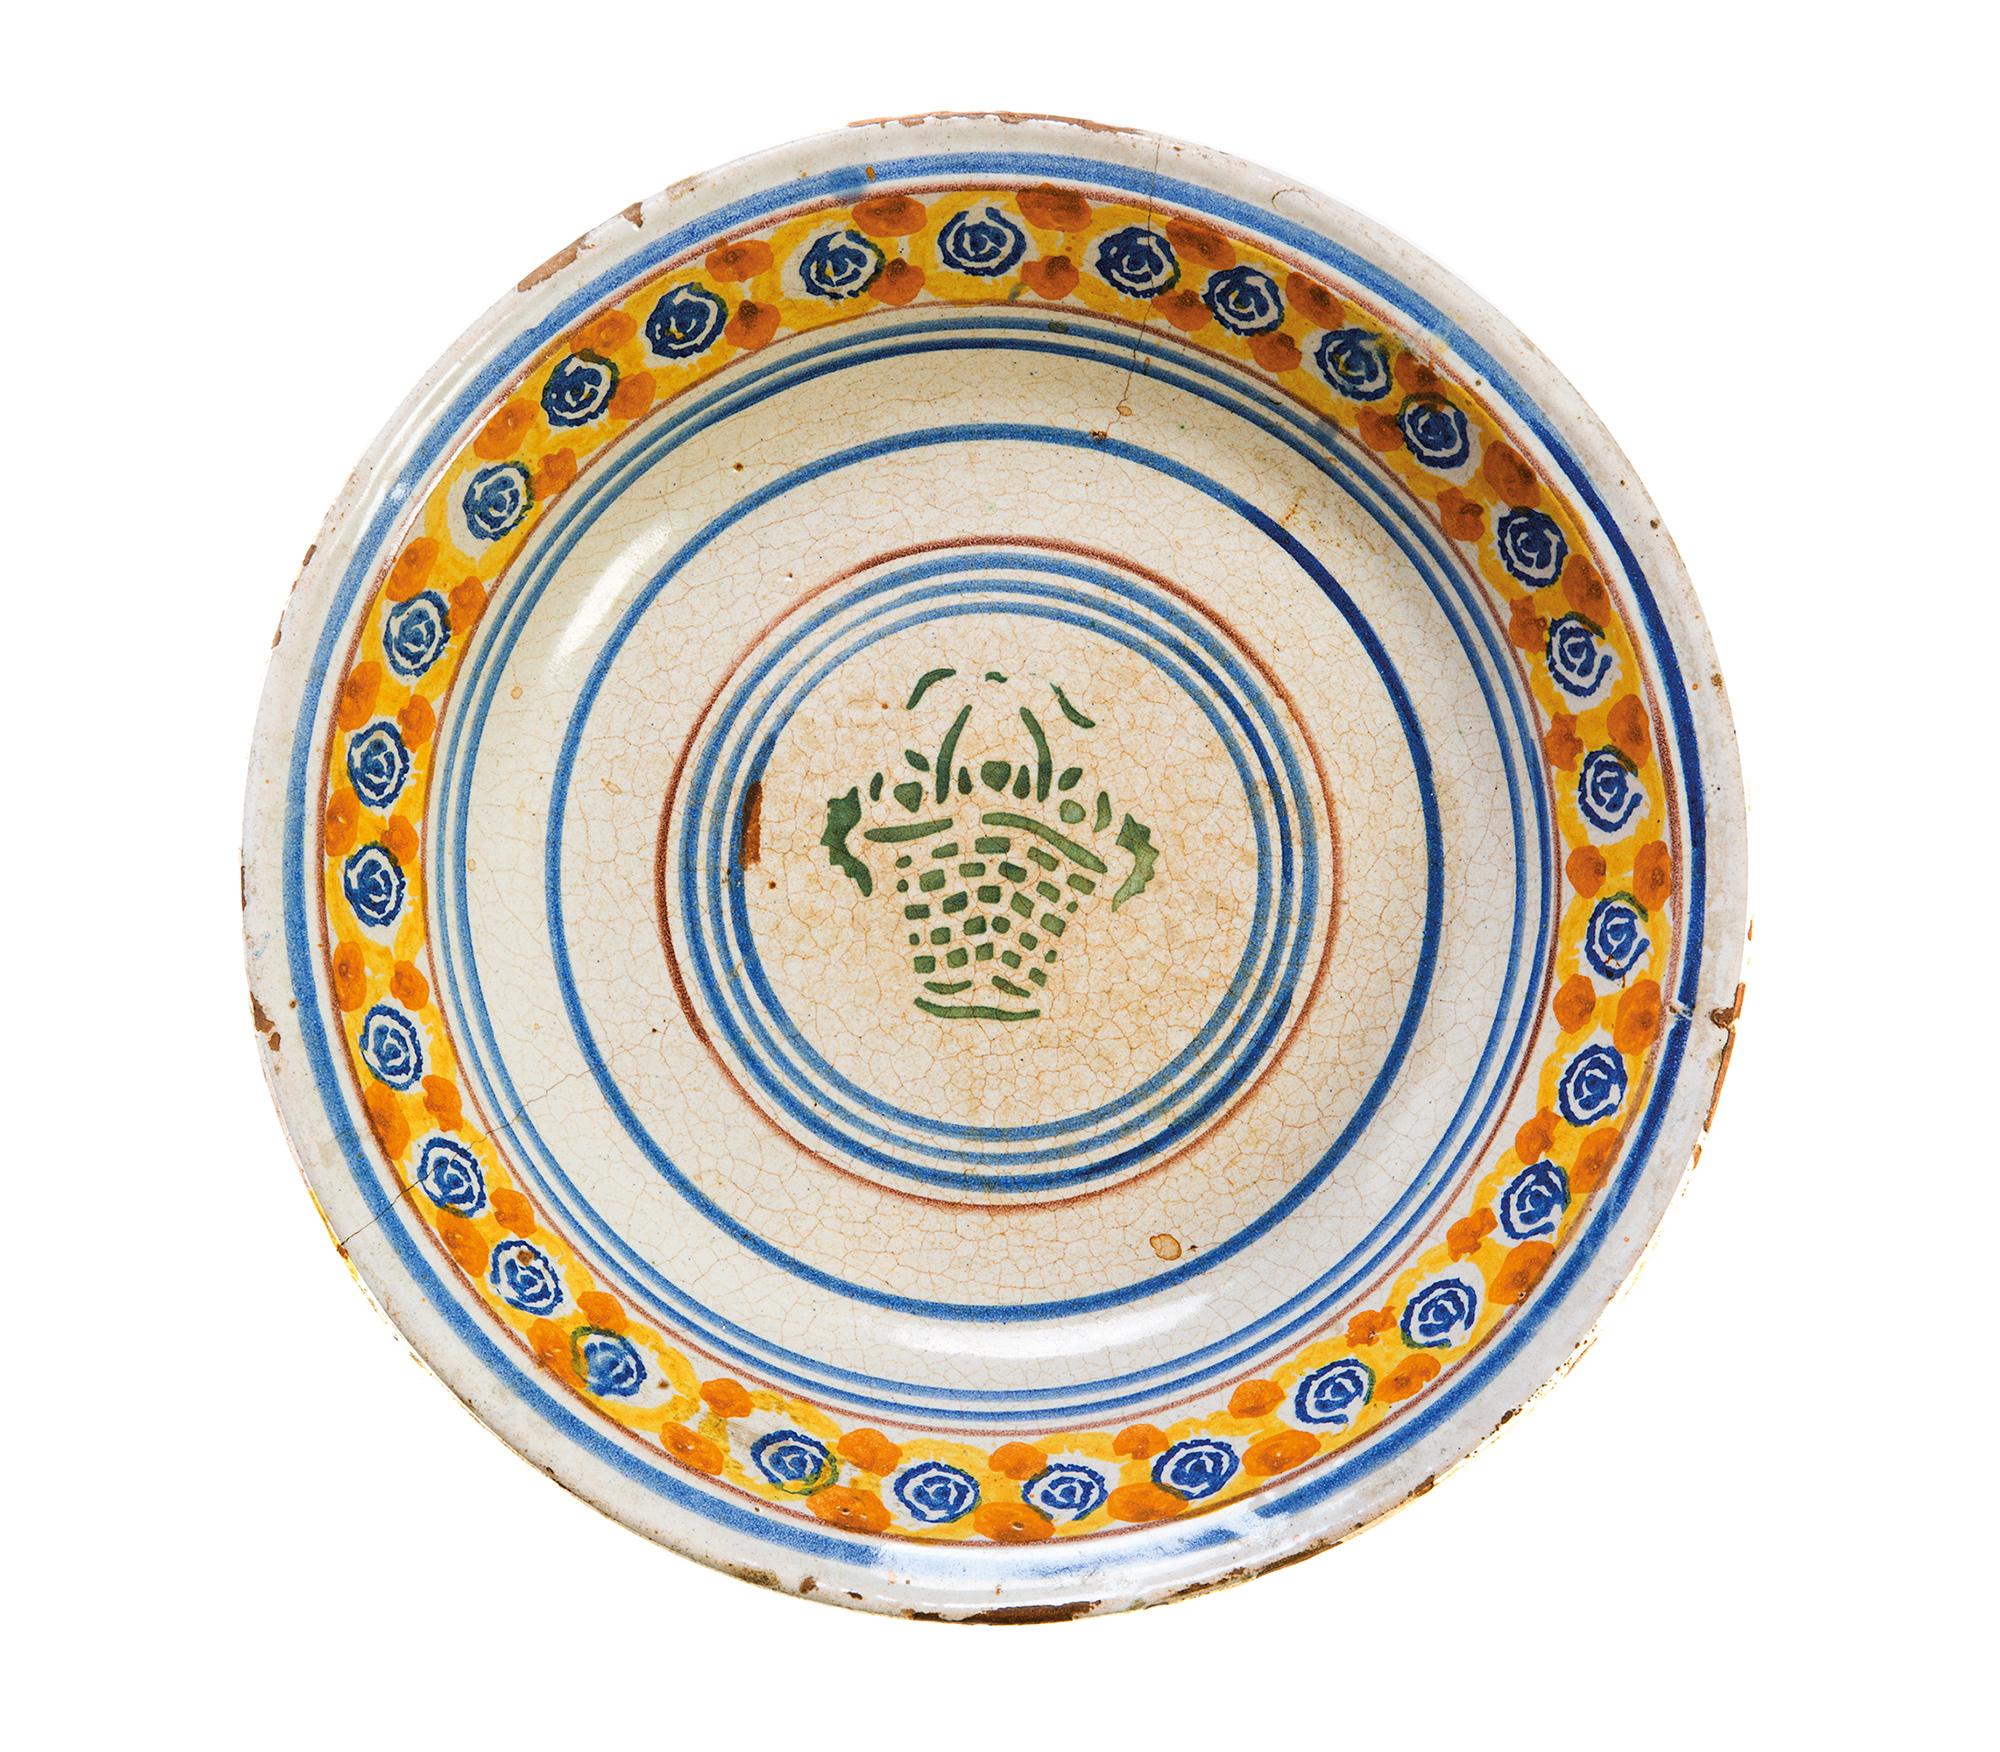 Piatto da parata in ceramica, Puglia secolo XVIII, dipinto in blu, giallo cromo e verde ramina, al centro Atteone assalito dai cani